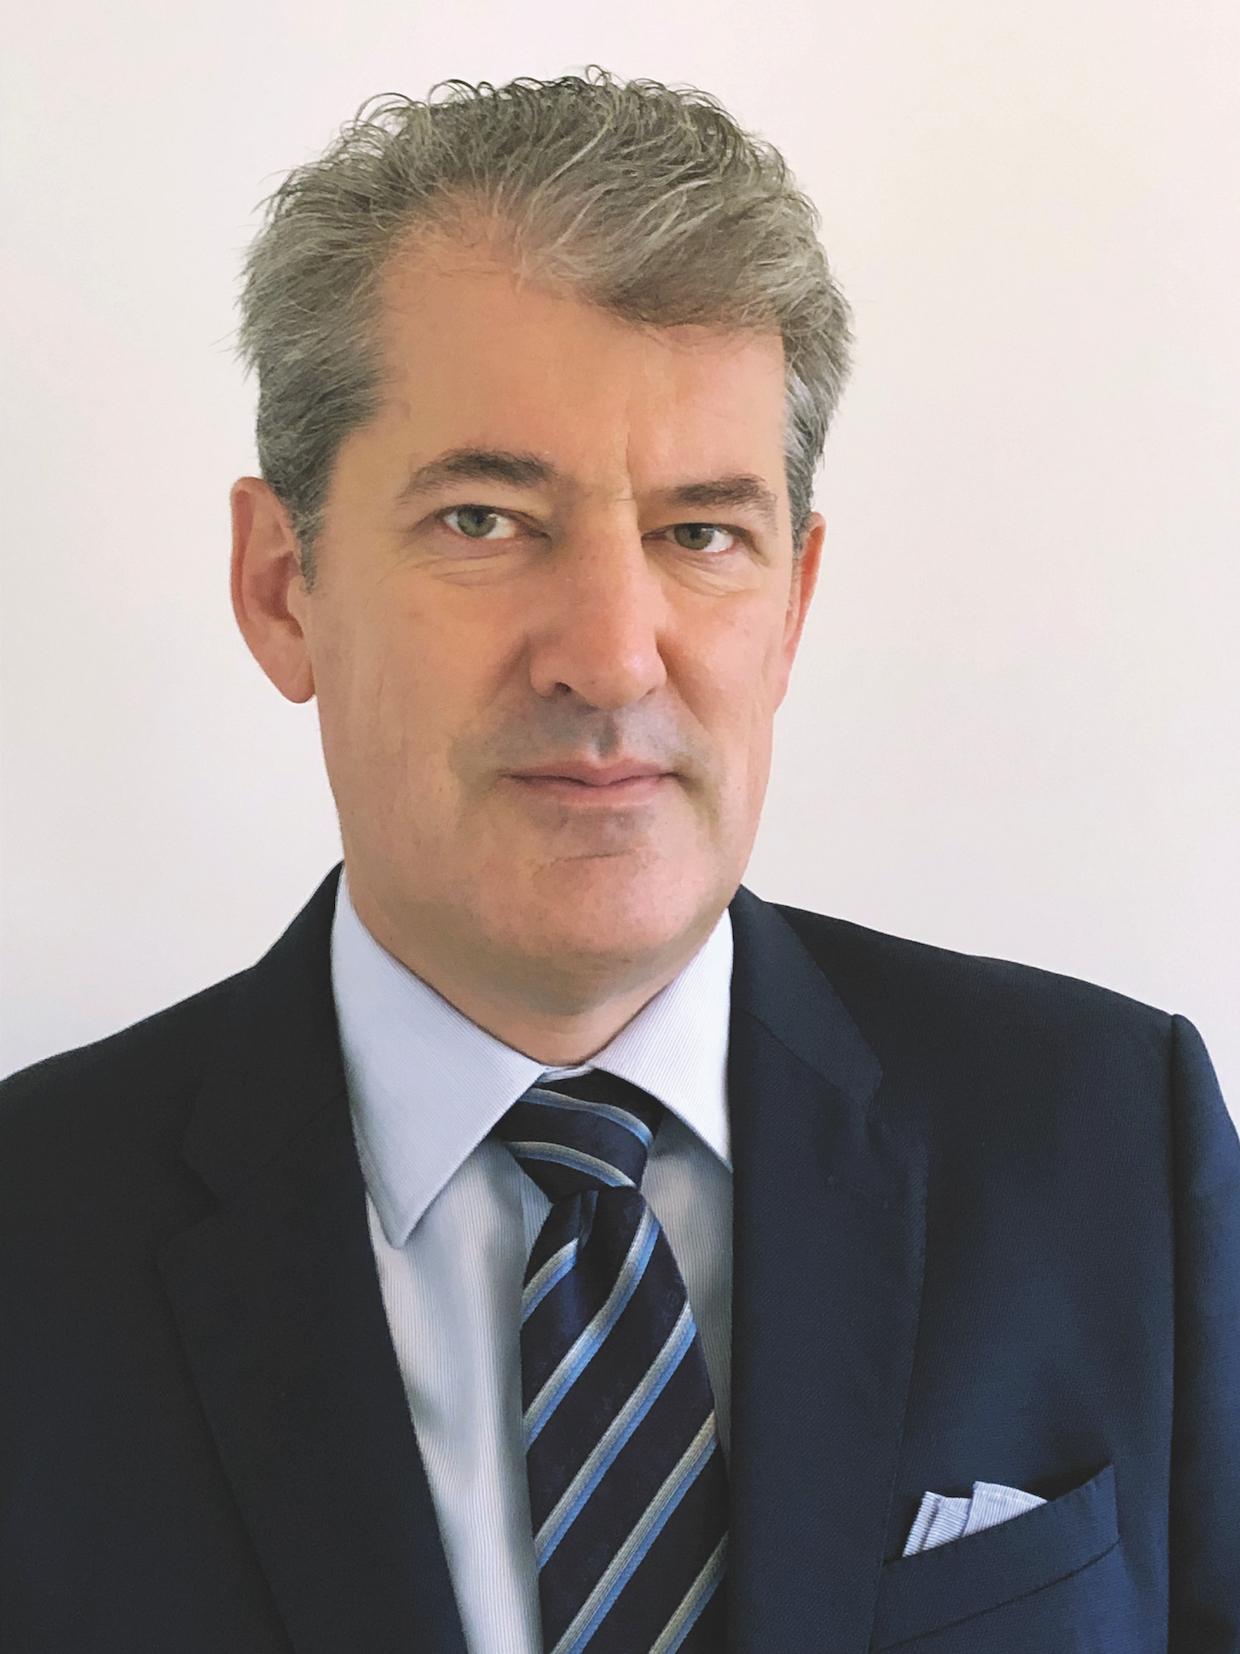 Marco Zancolo